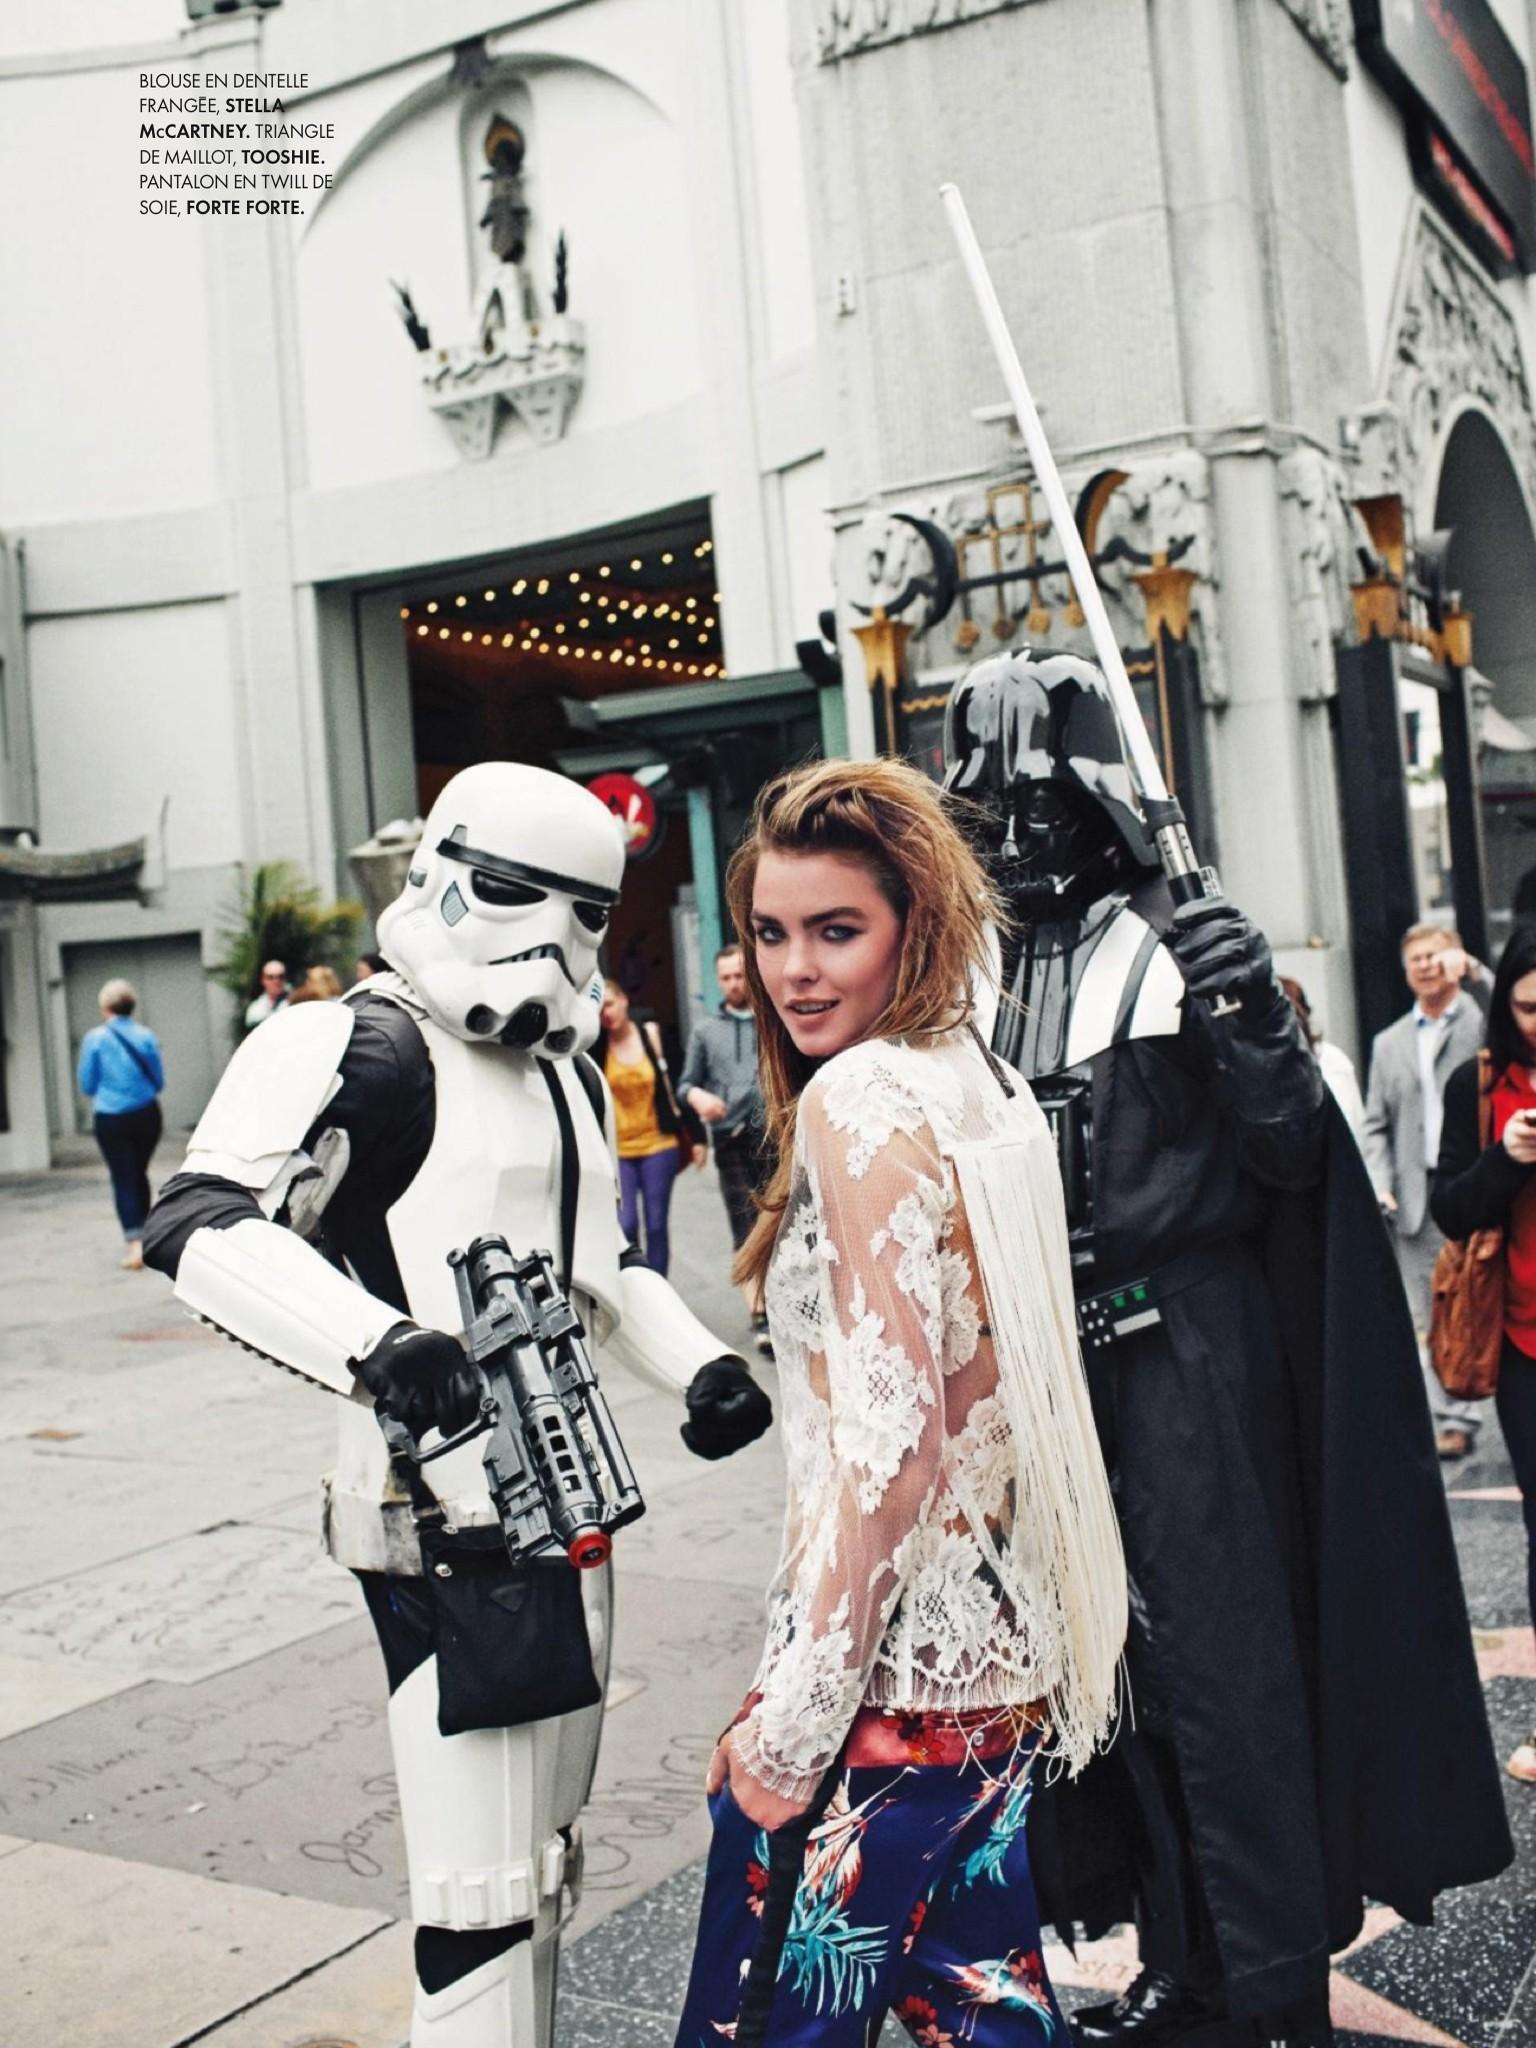 fashion_scans_remastered-bambi_northwood_blyth-elle_france-june_07_2013-scanned_by_vampirehorde-hq-9